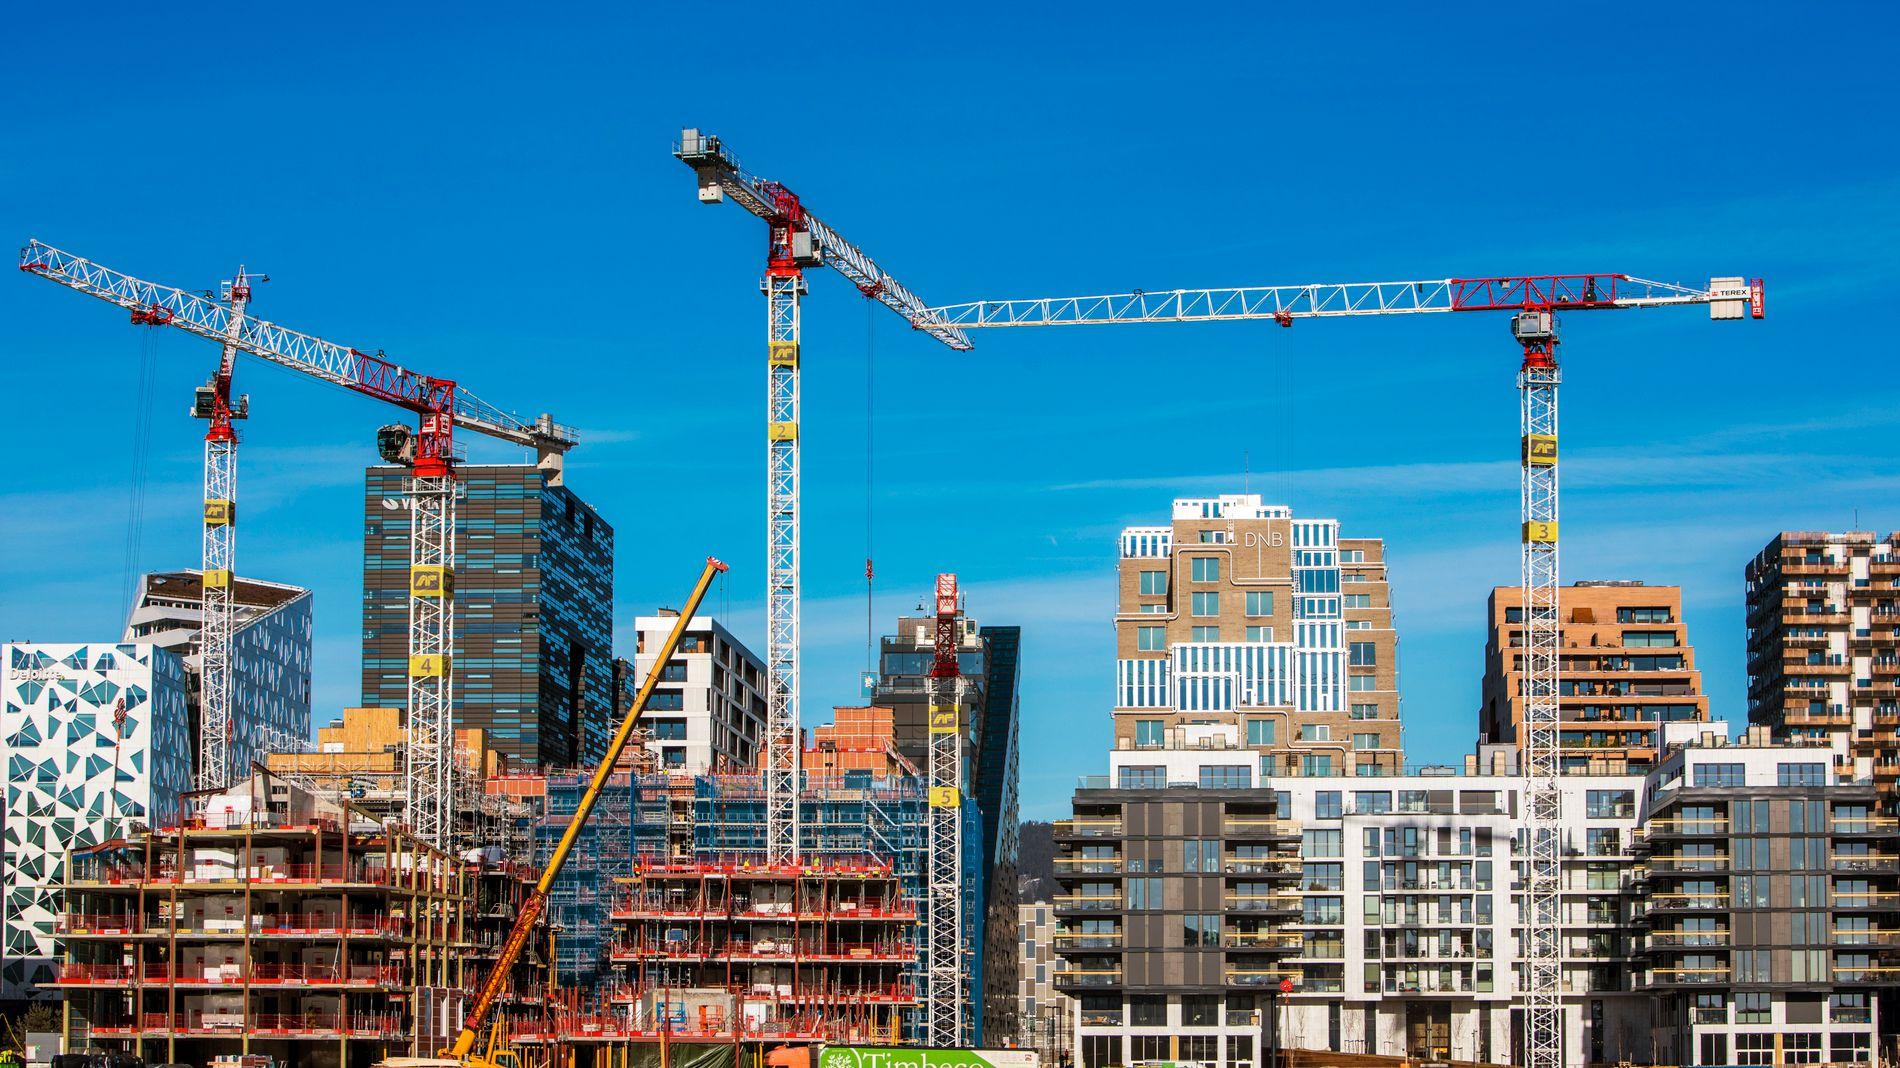 LEILIGHETSNORMEN: Høyre vil endre leilighetsnormen slik at det kan bygges flere mindre leiligheter i Oslo, men får ikke flertall i bystyret. Bildet er fra Bjørvika. Foto: Ole Berg-Rusten / NTB scanpix